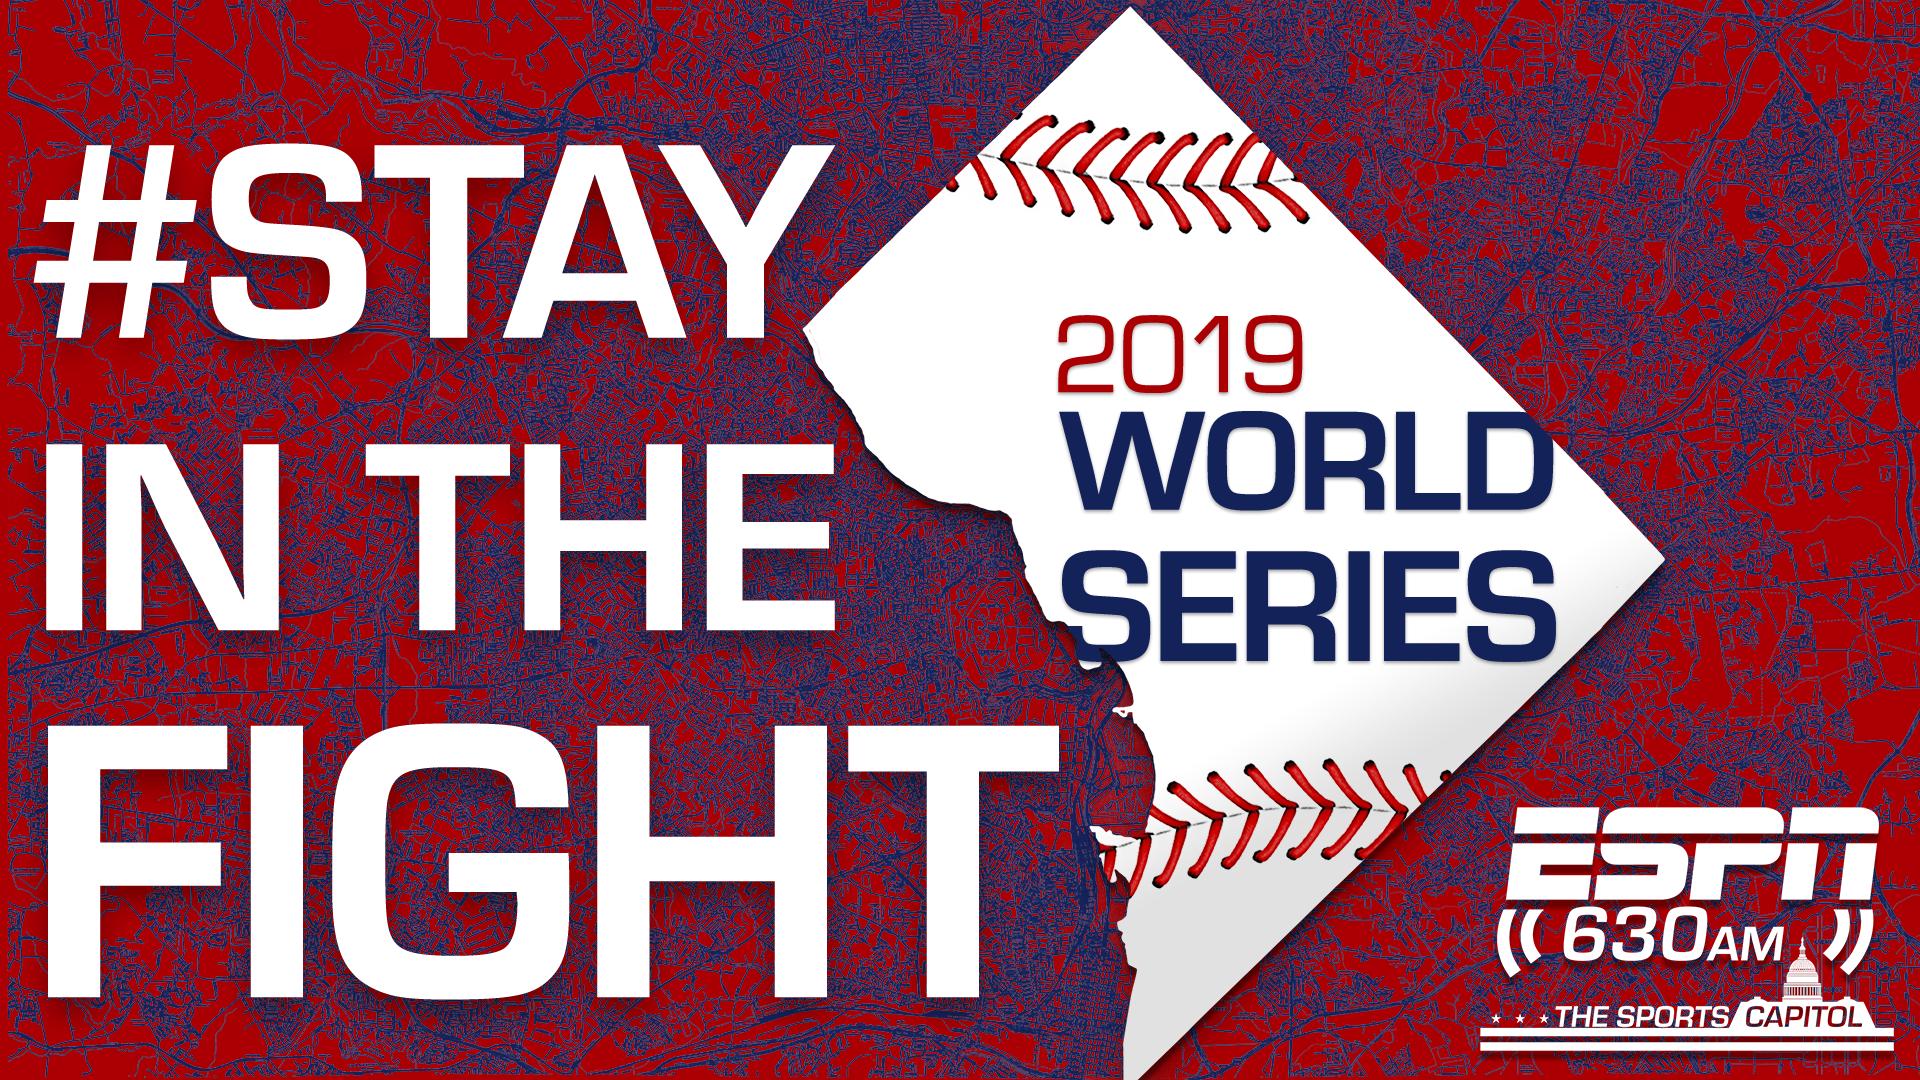 Listen to World Series Game 2